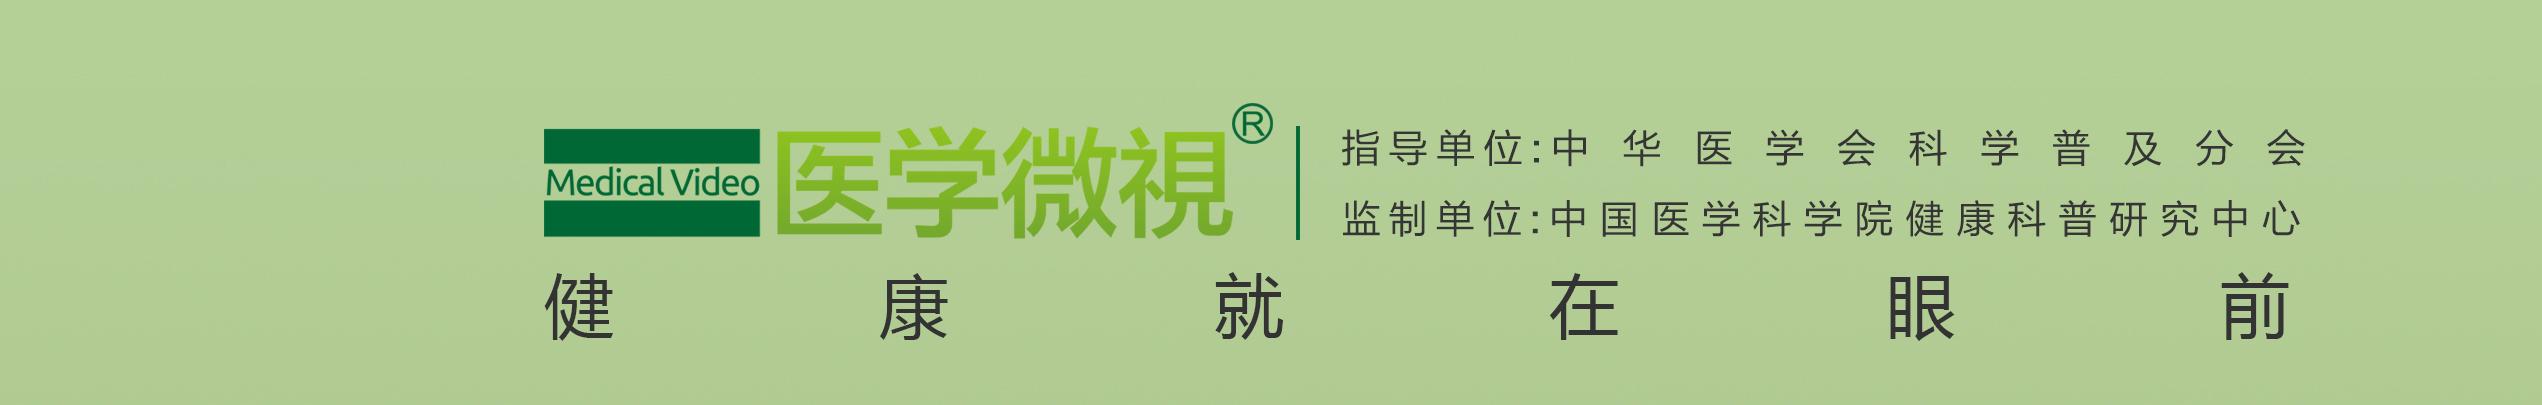 医学微视 banner